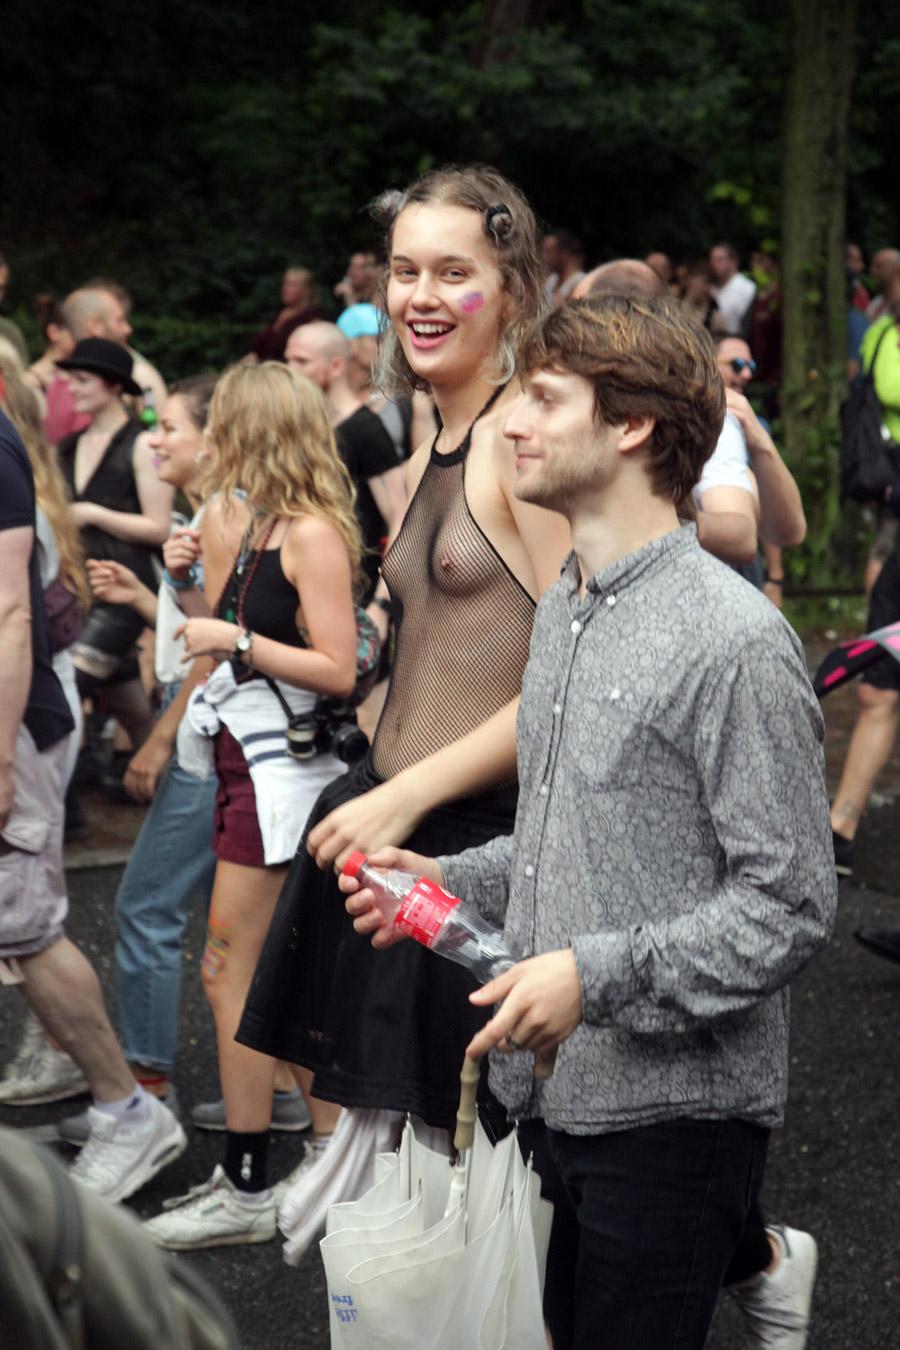 männer nackt im regen